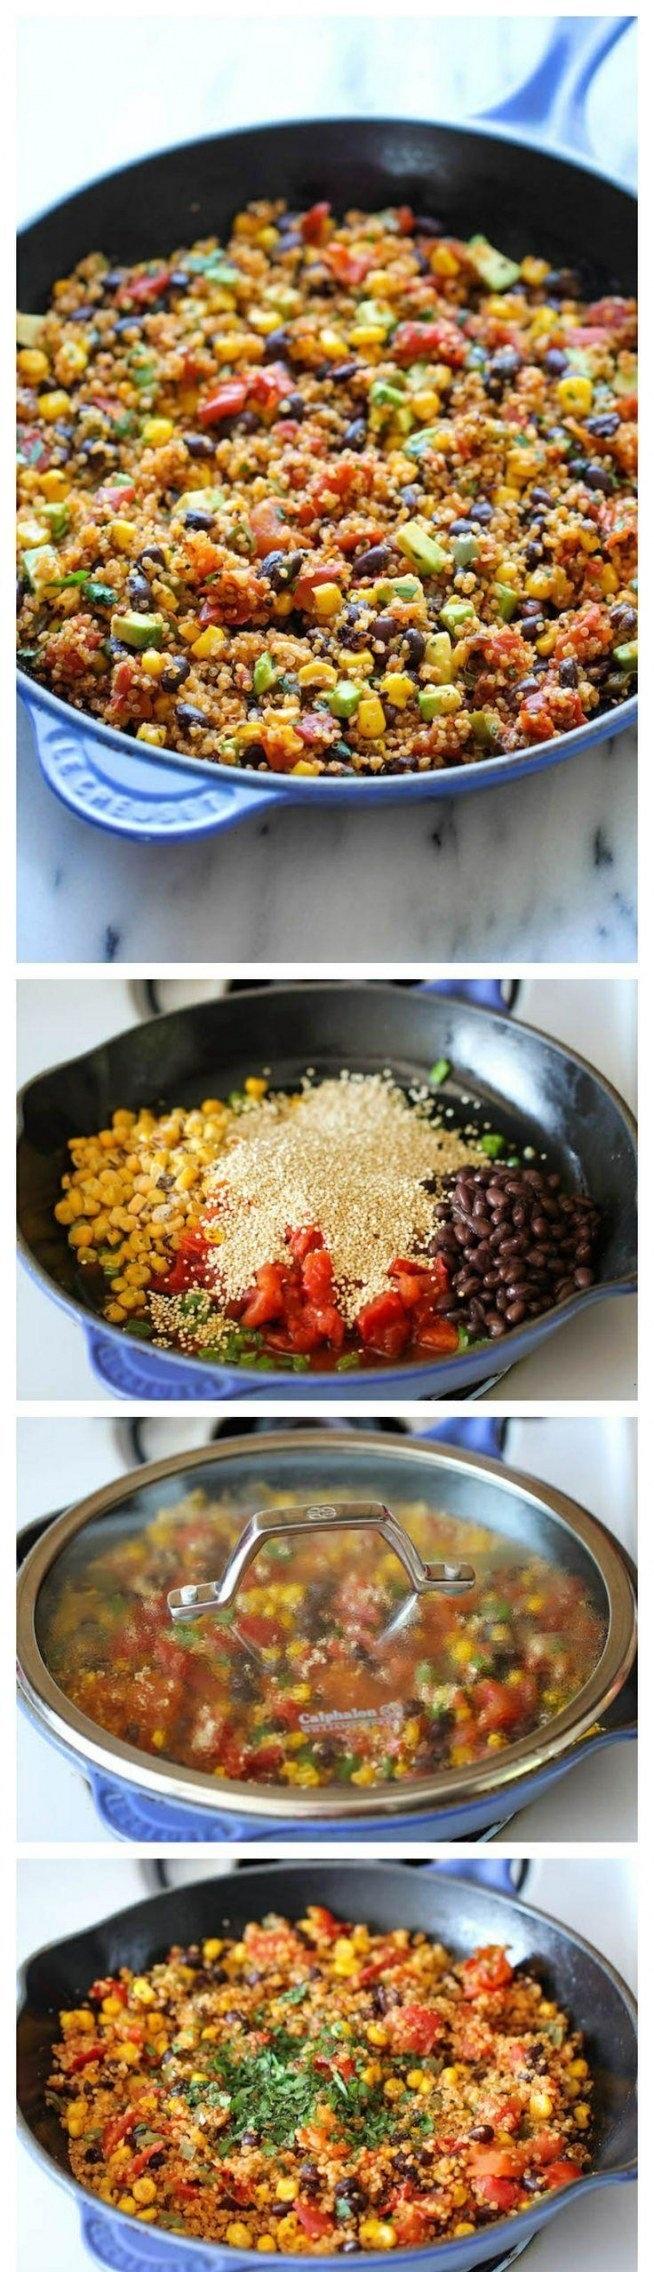 Cebulkę, czerwoną fasolkę, szczypiorek, kukurydzę i czerwone pomidorki (z puszki) podsmażamy na głębokiej patelni. Dodajemy ok szklanki kaszy jaglanej i szklankę bulionu. Gotujemy ok 10-15 min pod przykryciem. Dodajemy ulubione przyprawy (wskazana jest papryka chilli) i trochę soku z limonki. Dusimy jeszcze 5 min i gotowe!